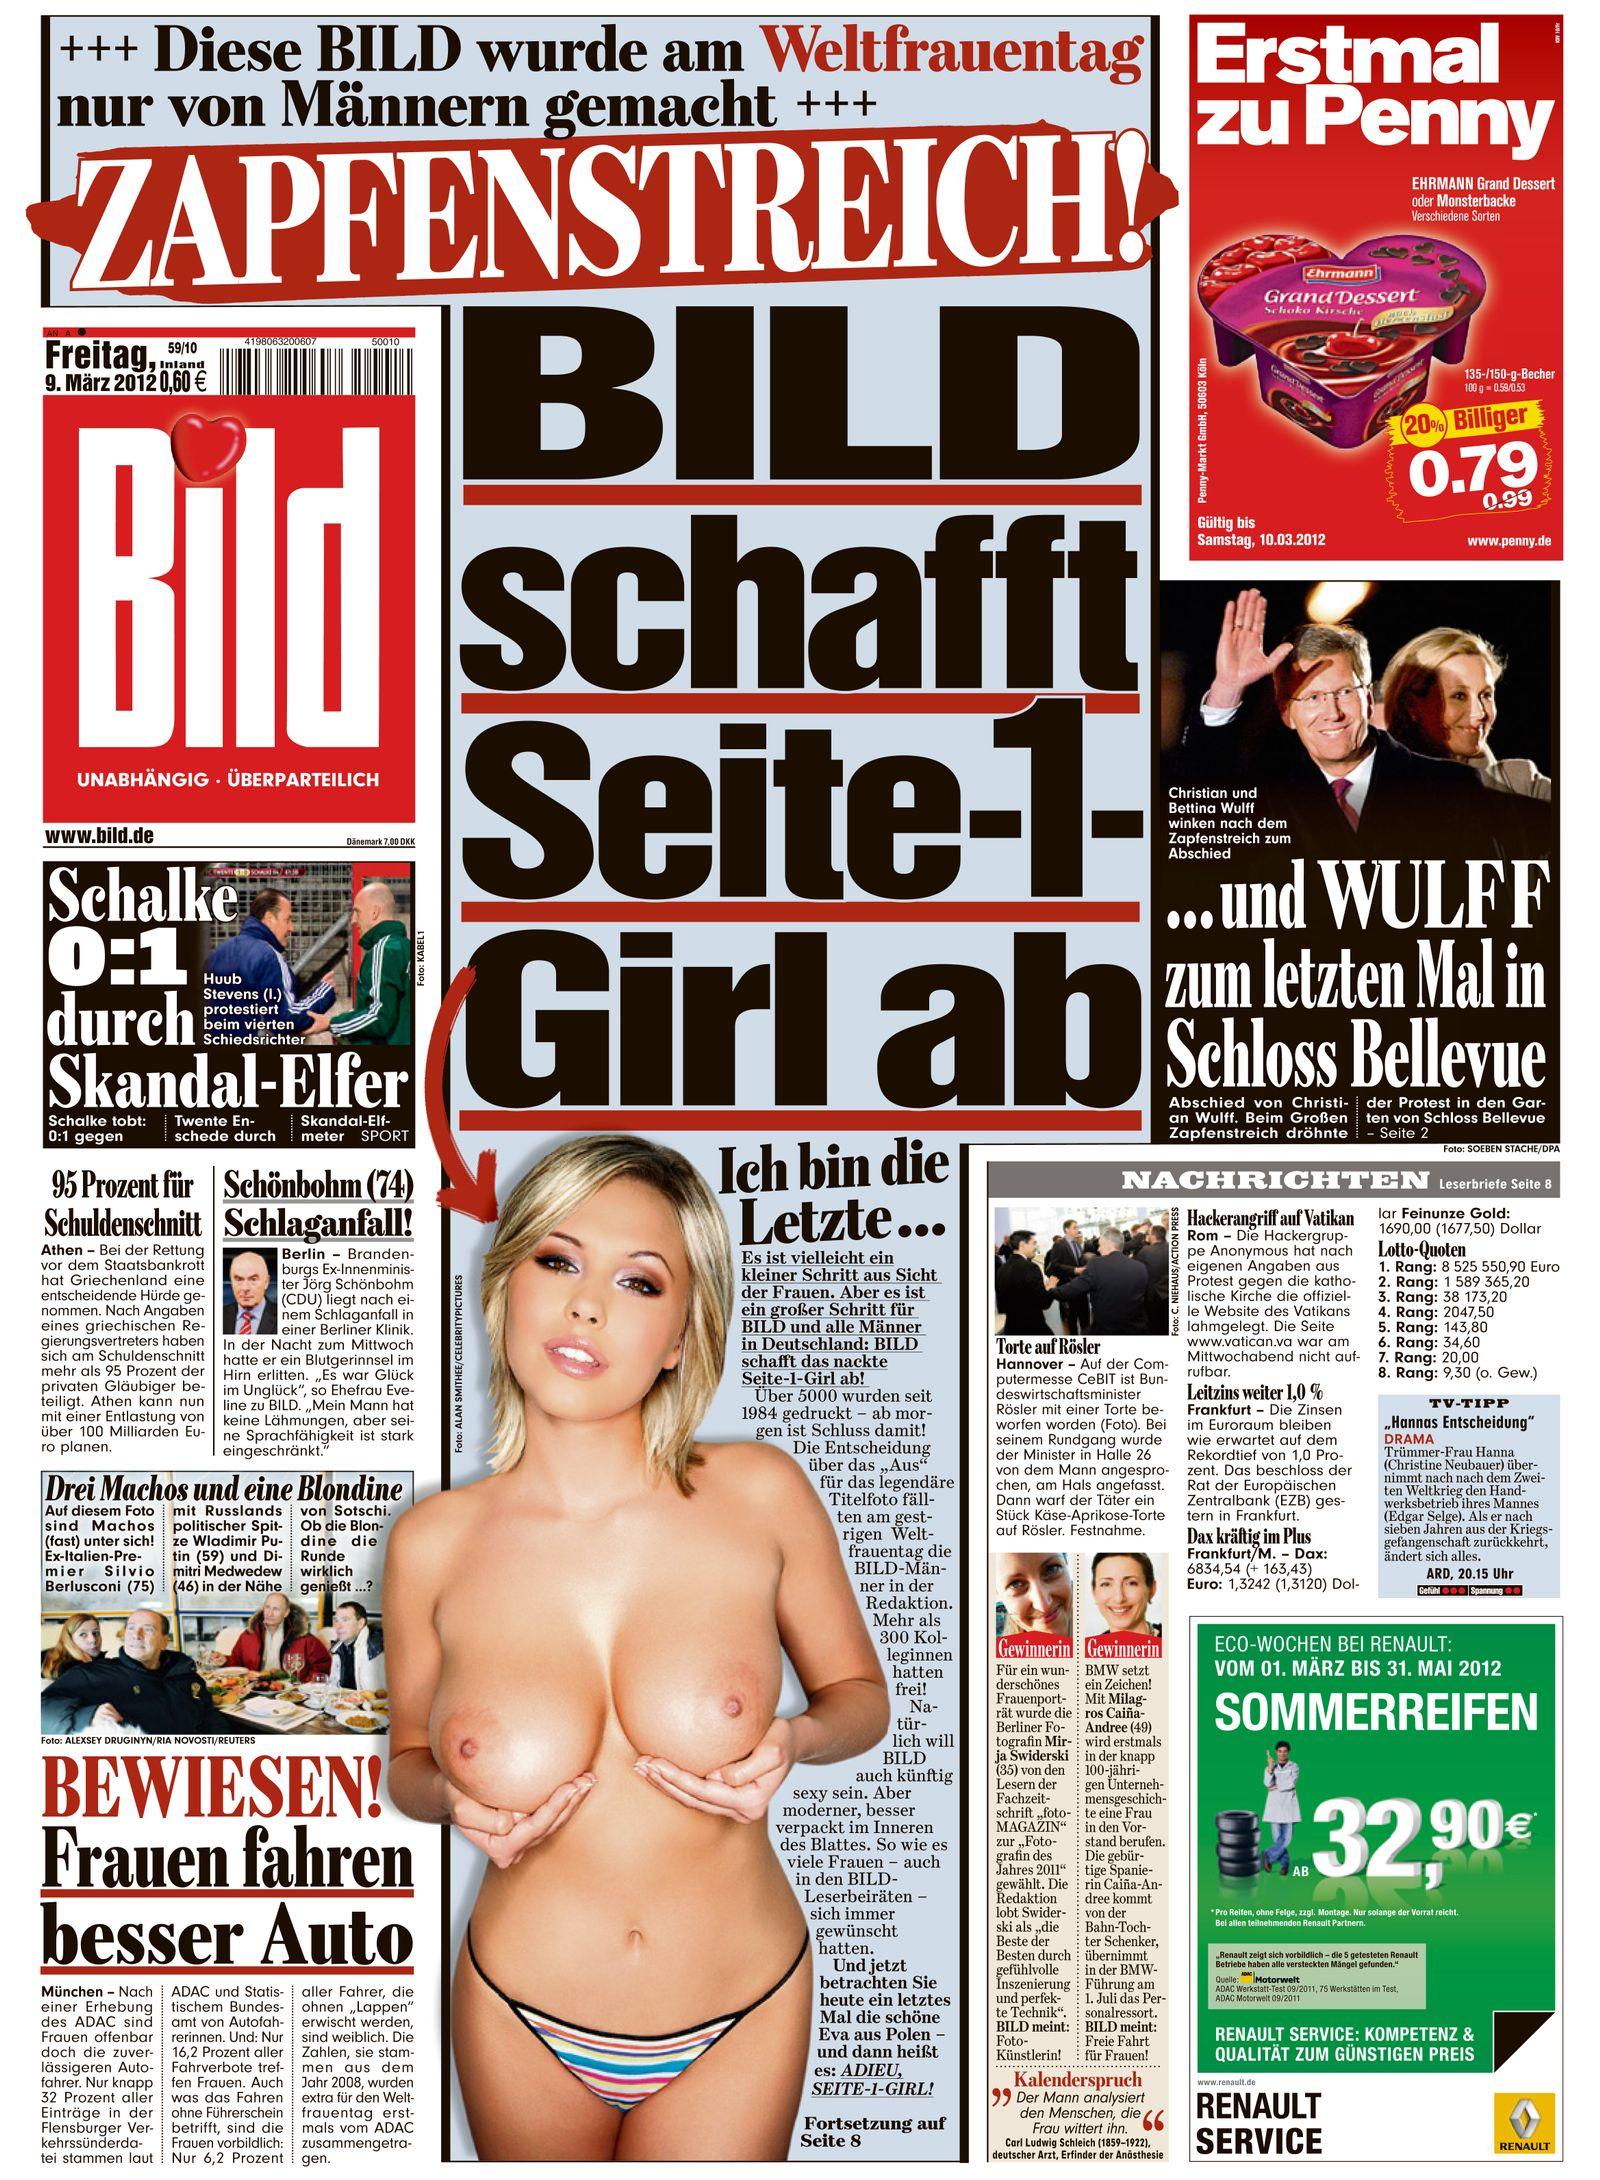 BILD-Zeitung / Seite-1-Girl ohne